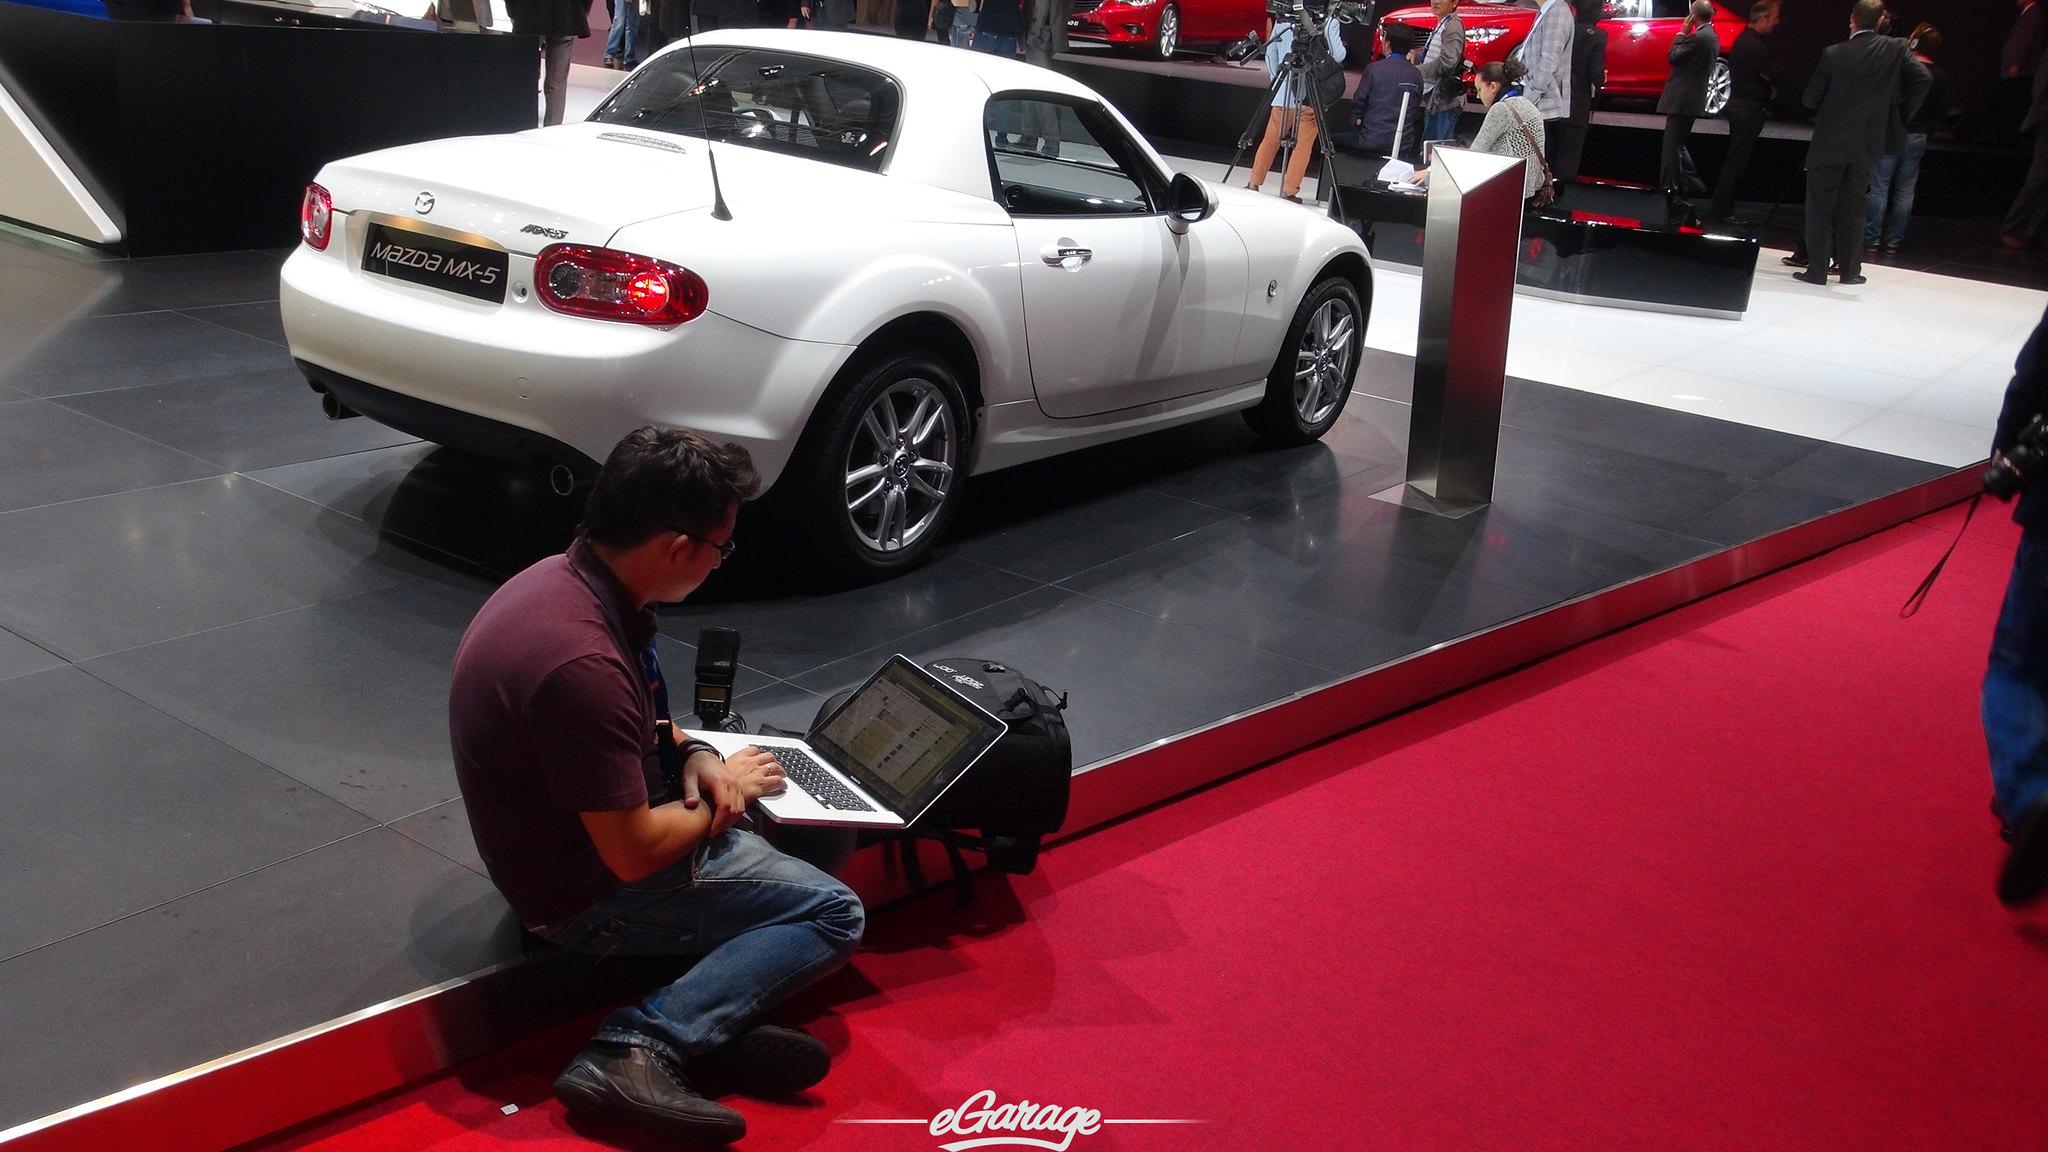 8034747375 336e8c534e k 2012 Paris Motor Show